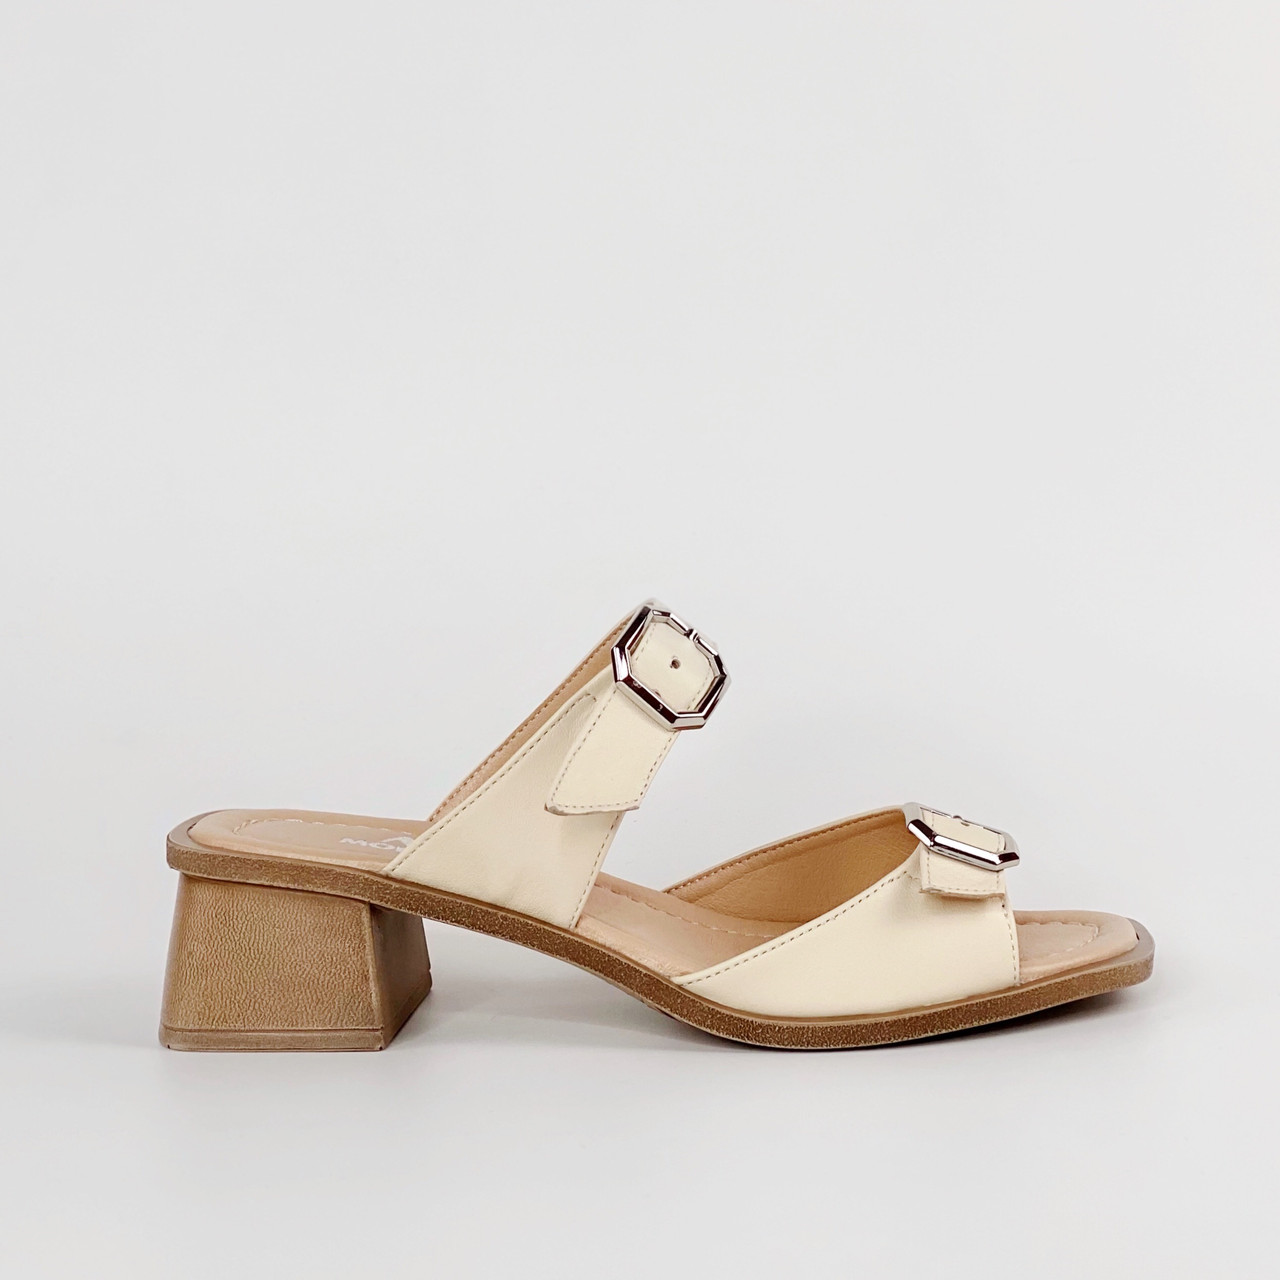 Сабо женские кожаные молочные на каблуке с пряжками MORENTO